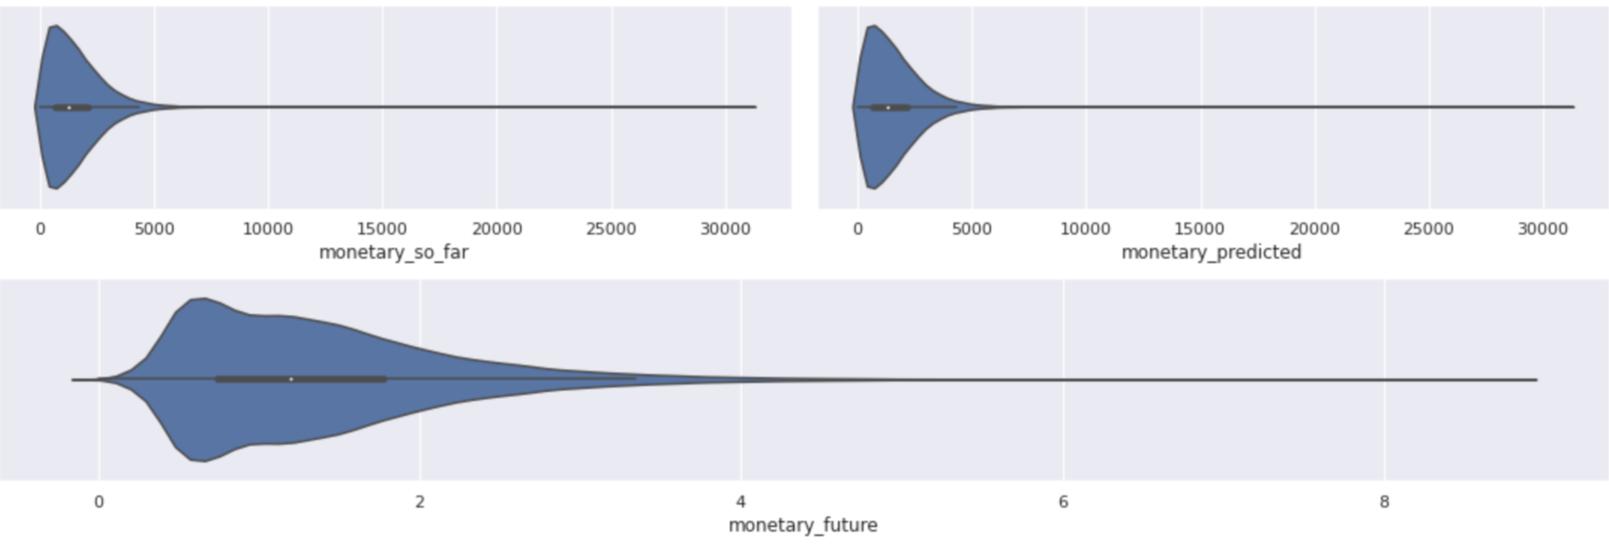 예측 데이터 분포의 시각화